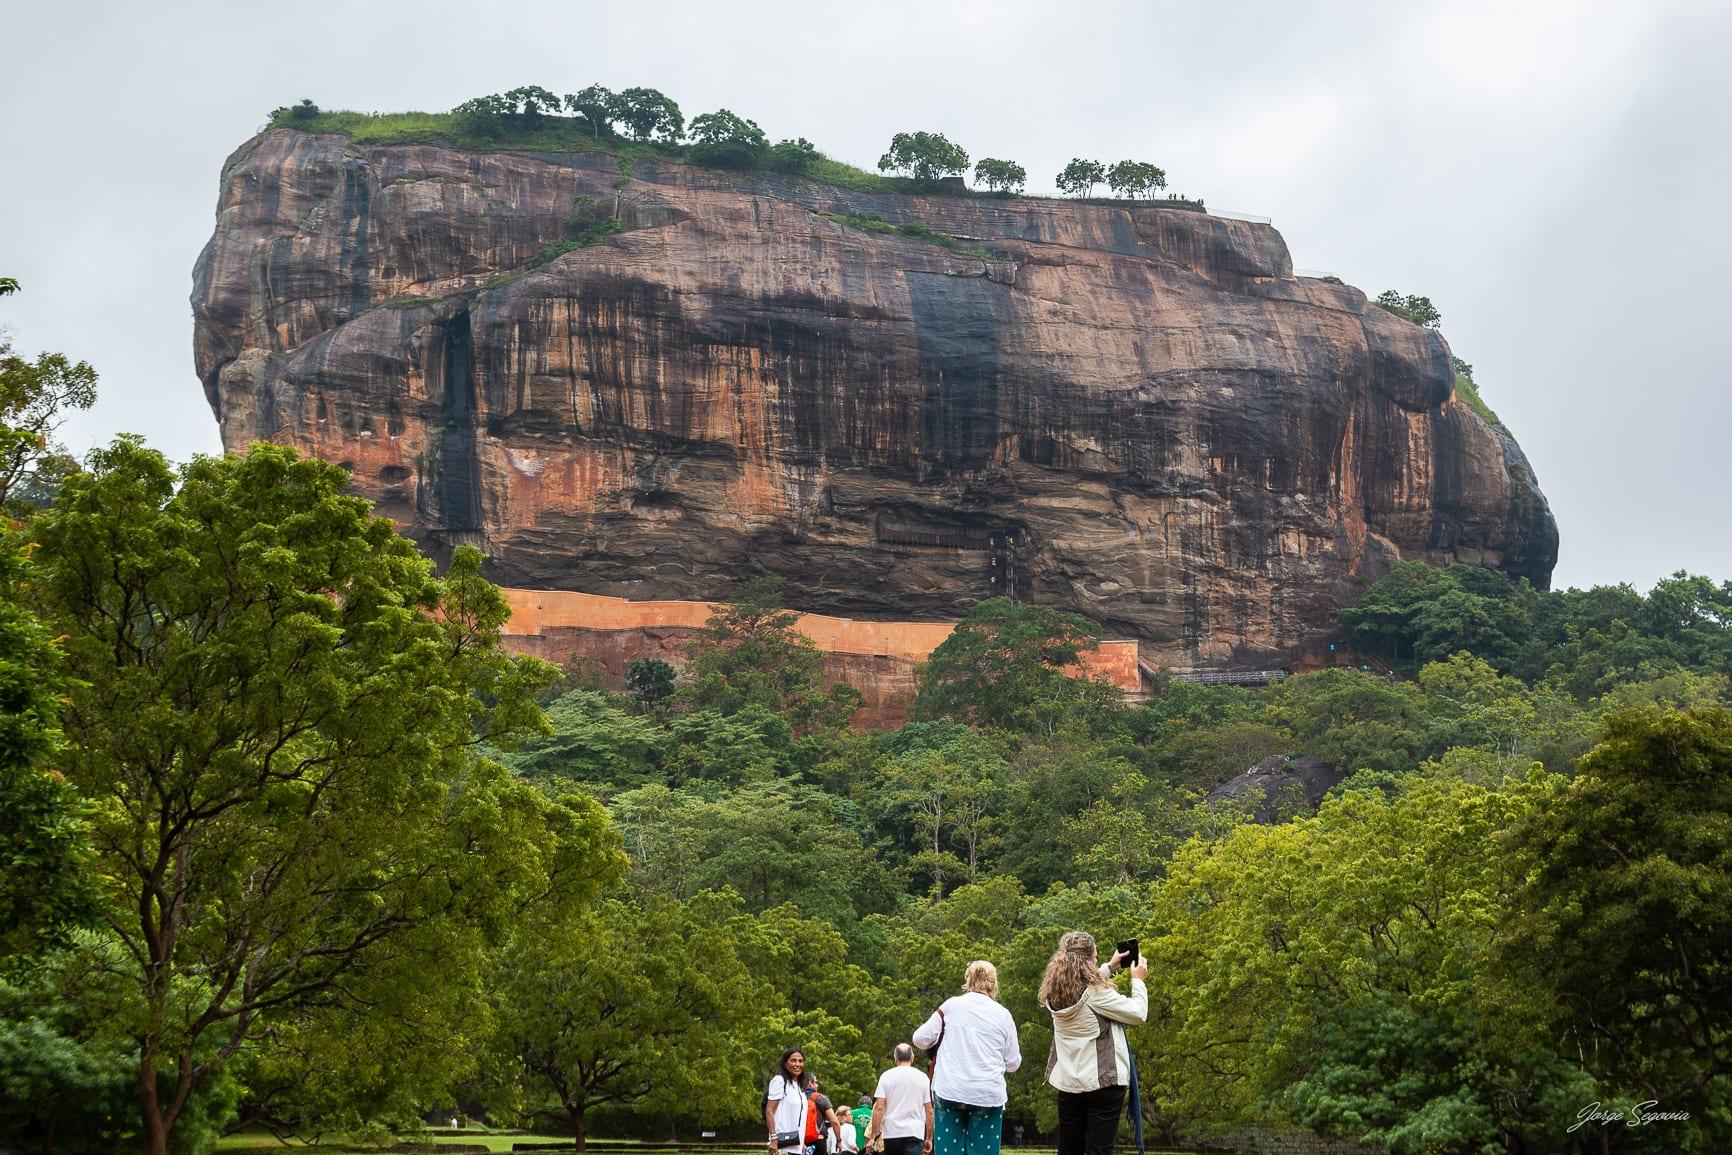 La octava maravilla del mundo: Sigiriya